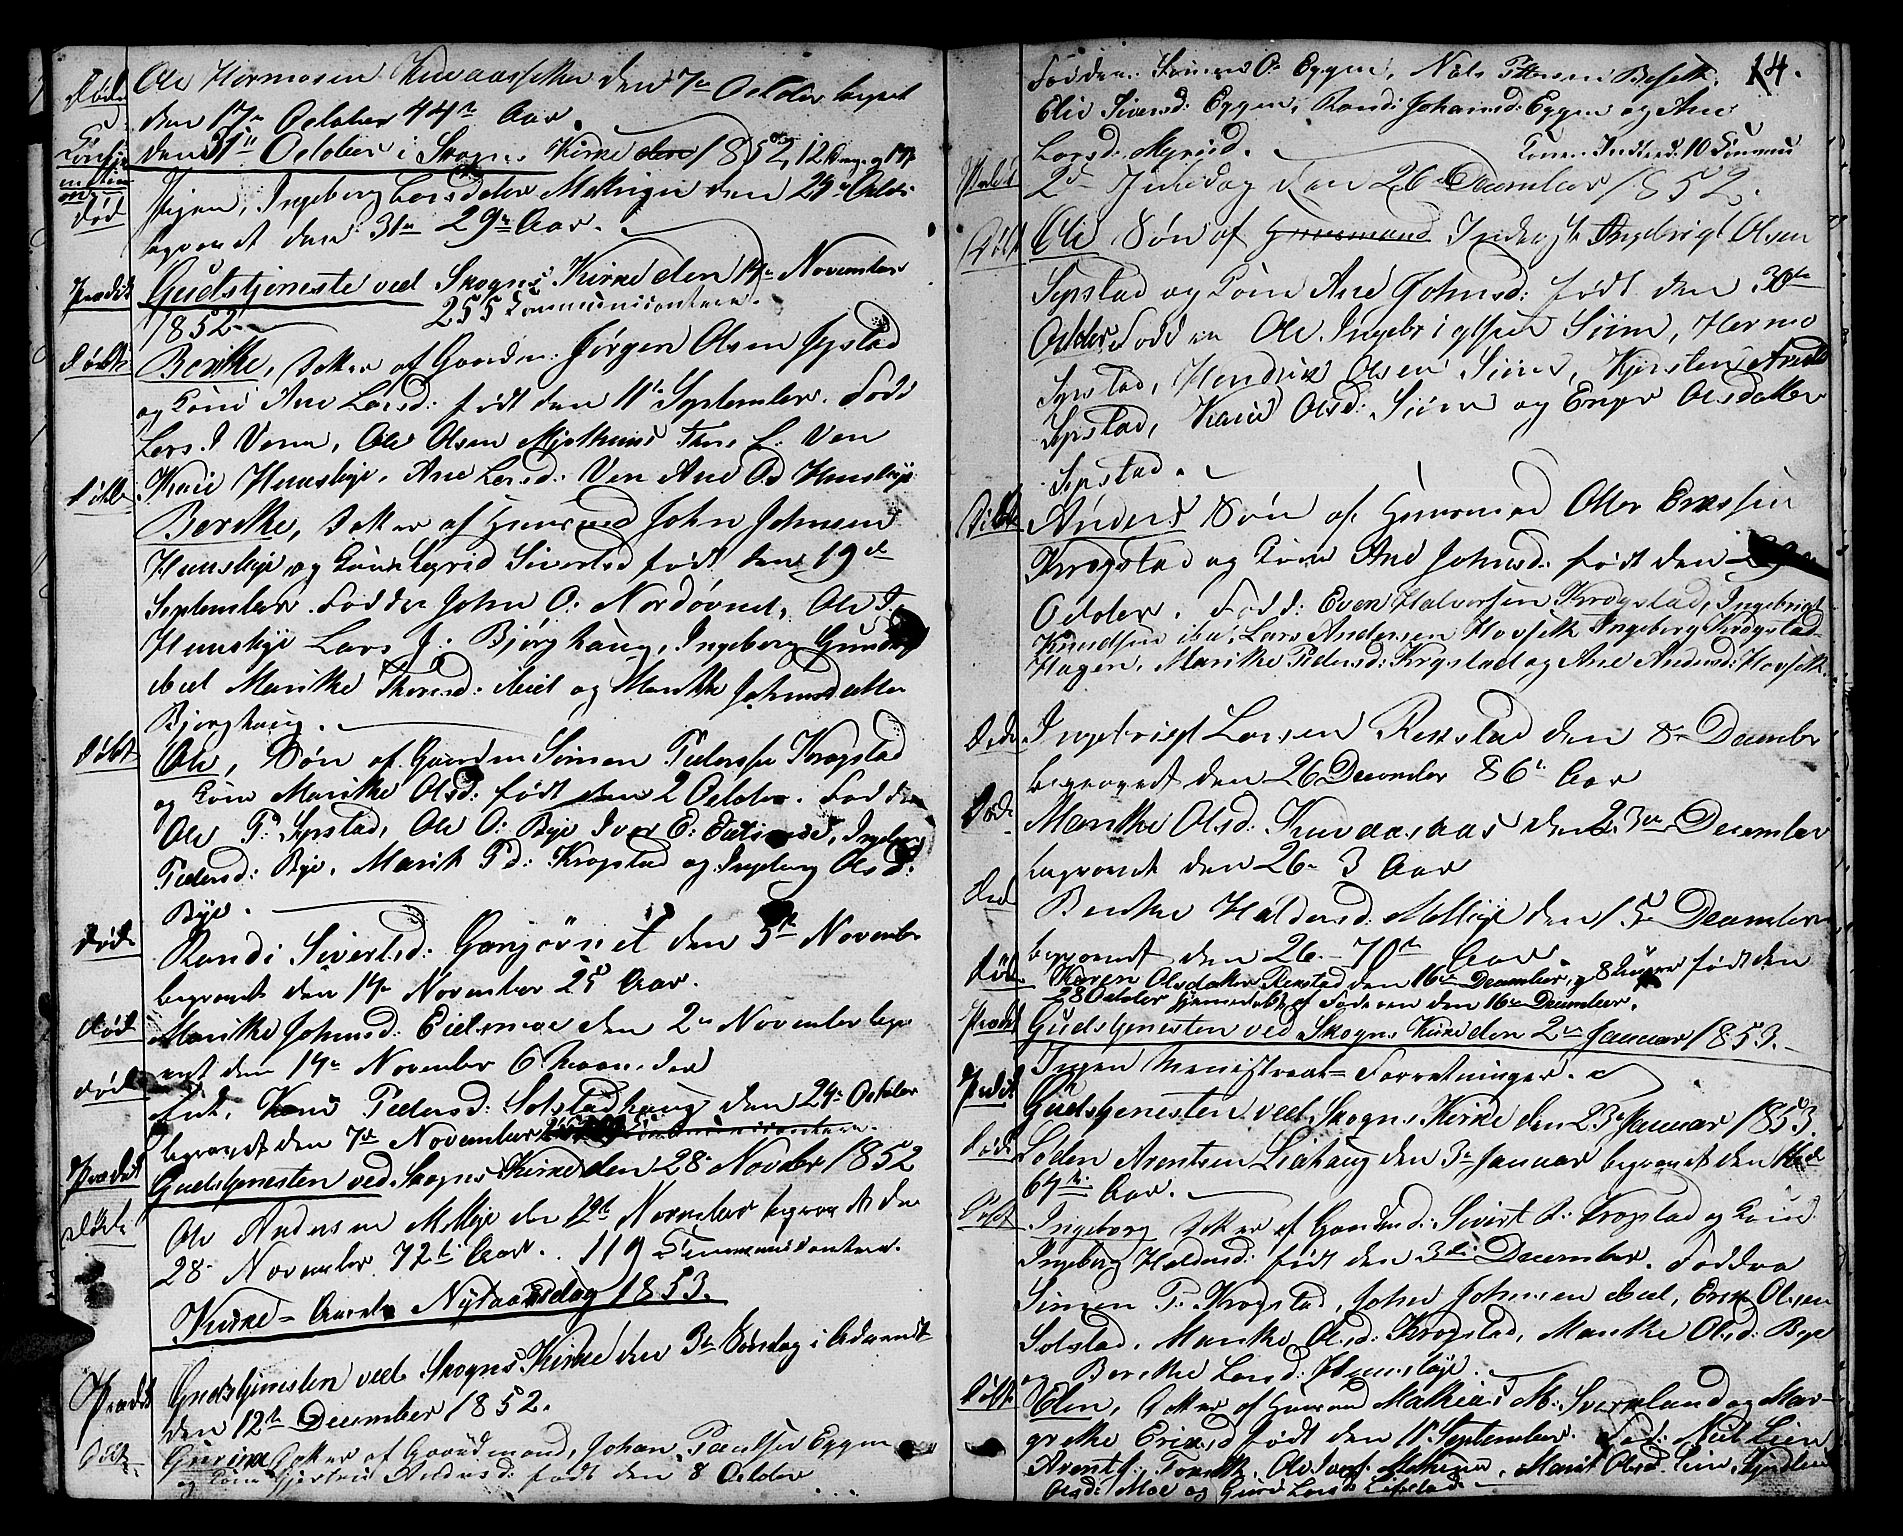 SAT, Ministerialprotokoller, klokkerbøker og fødselsregistre - Sør-Trøndelag, 667/L0797: Klokkerbok nr. 667C02, 1849-1867, s. 14